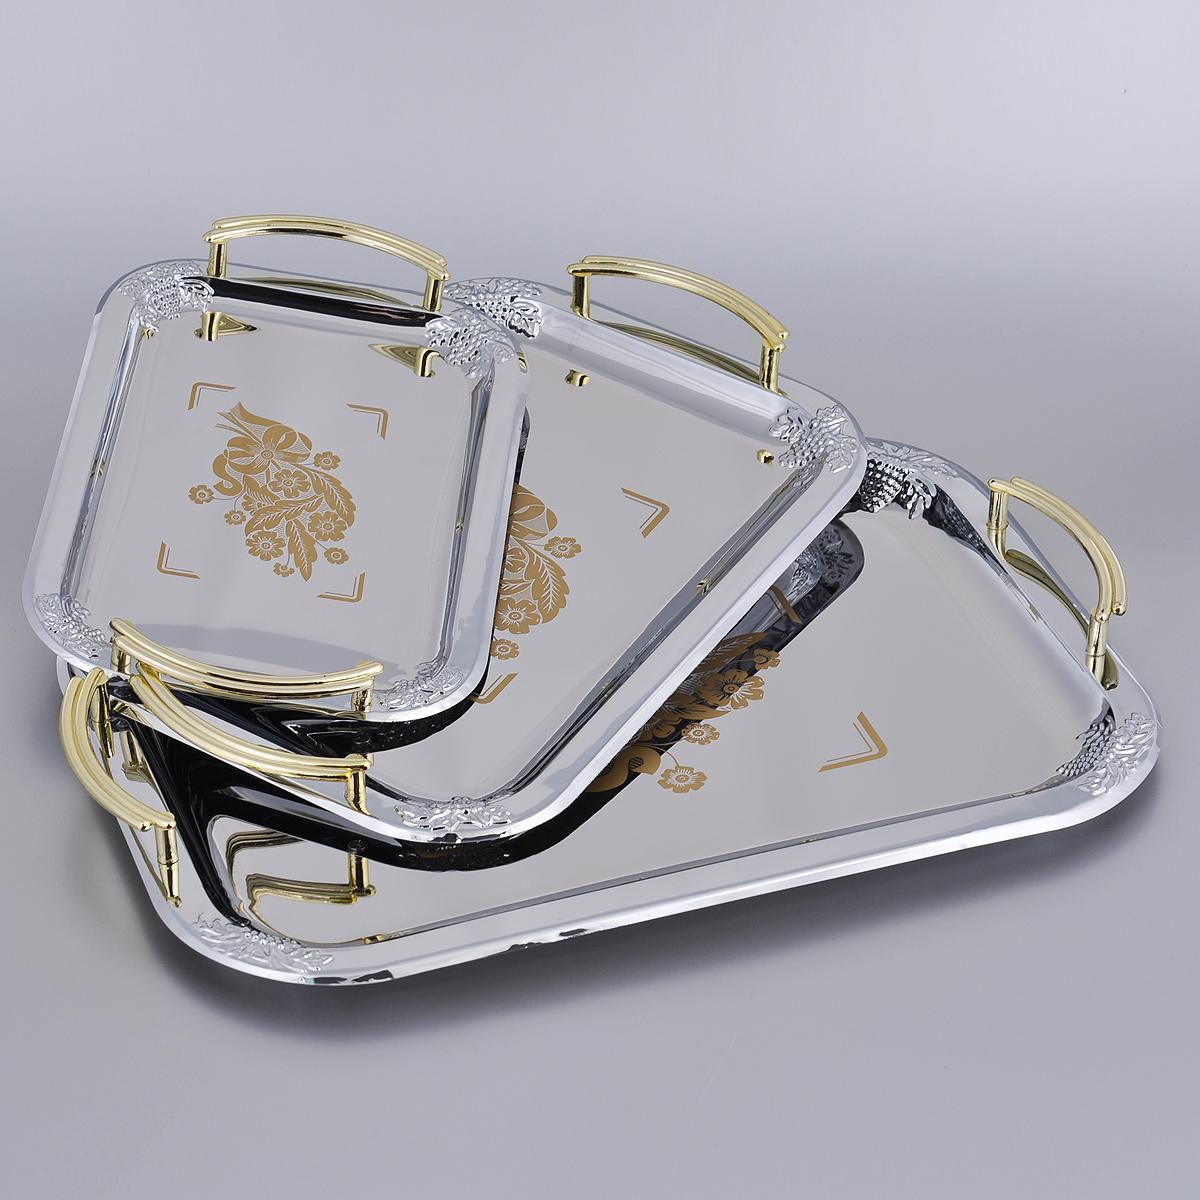 """Набор """"Mayer & Boch"""" состоит из трех изящных подносов прямоугольной формы, выполненных из нержавеющей стали. Подносы хромированы и отполированы до блеска. Края украшены рельефным узором. По центру подносы декорированы оригинальными цветочными рисунками. Для удобства переноски все подносы оснащены ручками золотистого цвета.  Изысканный набор прекрасно дополнит интерьер кухни и станет отличным украшением праздничного стола.   Размер малого подноса: 26,5 см х 19 см.  Размер среднего подноса: 34 см х 24 см.  Размер большого подноса: 41 см х 29 см."""